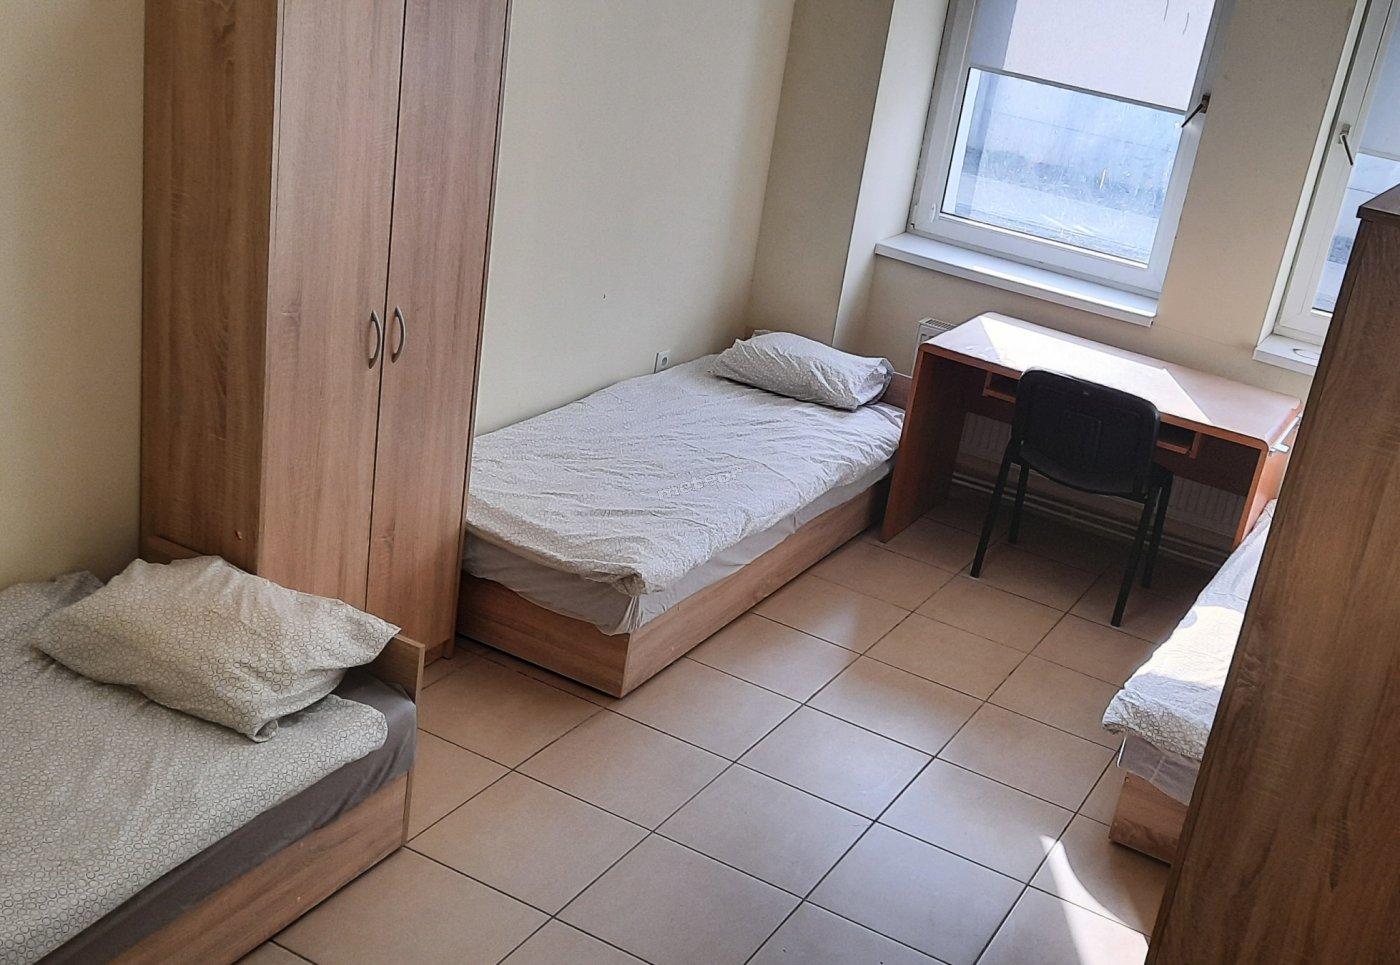 Hotel Pracowniczy Inowrocław